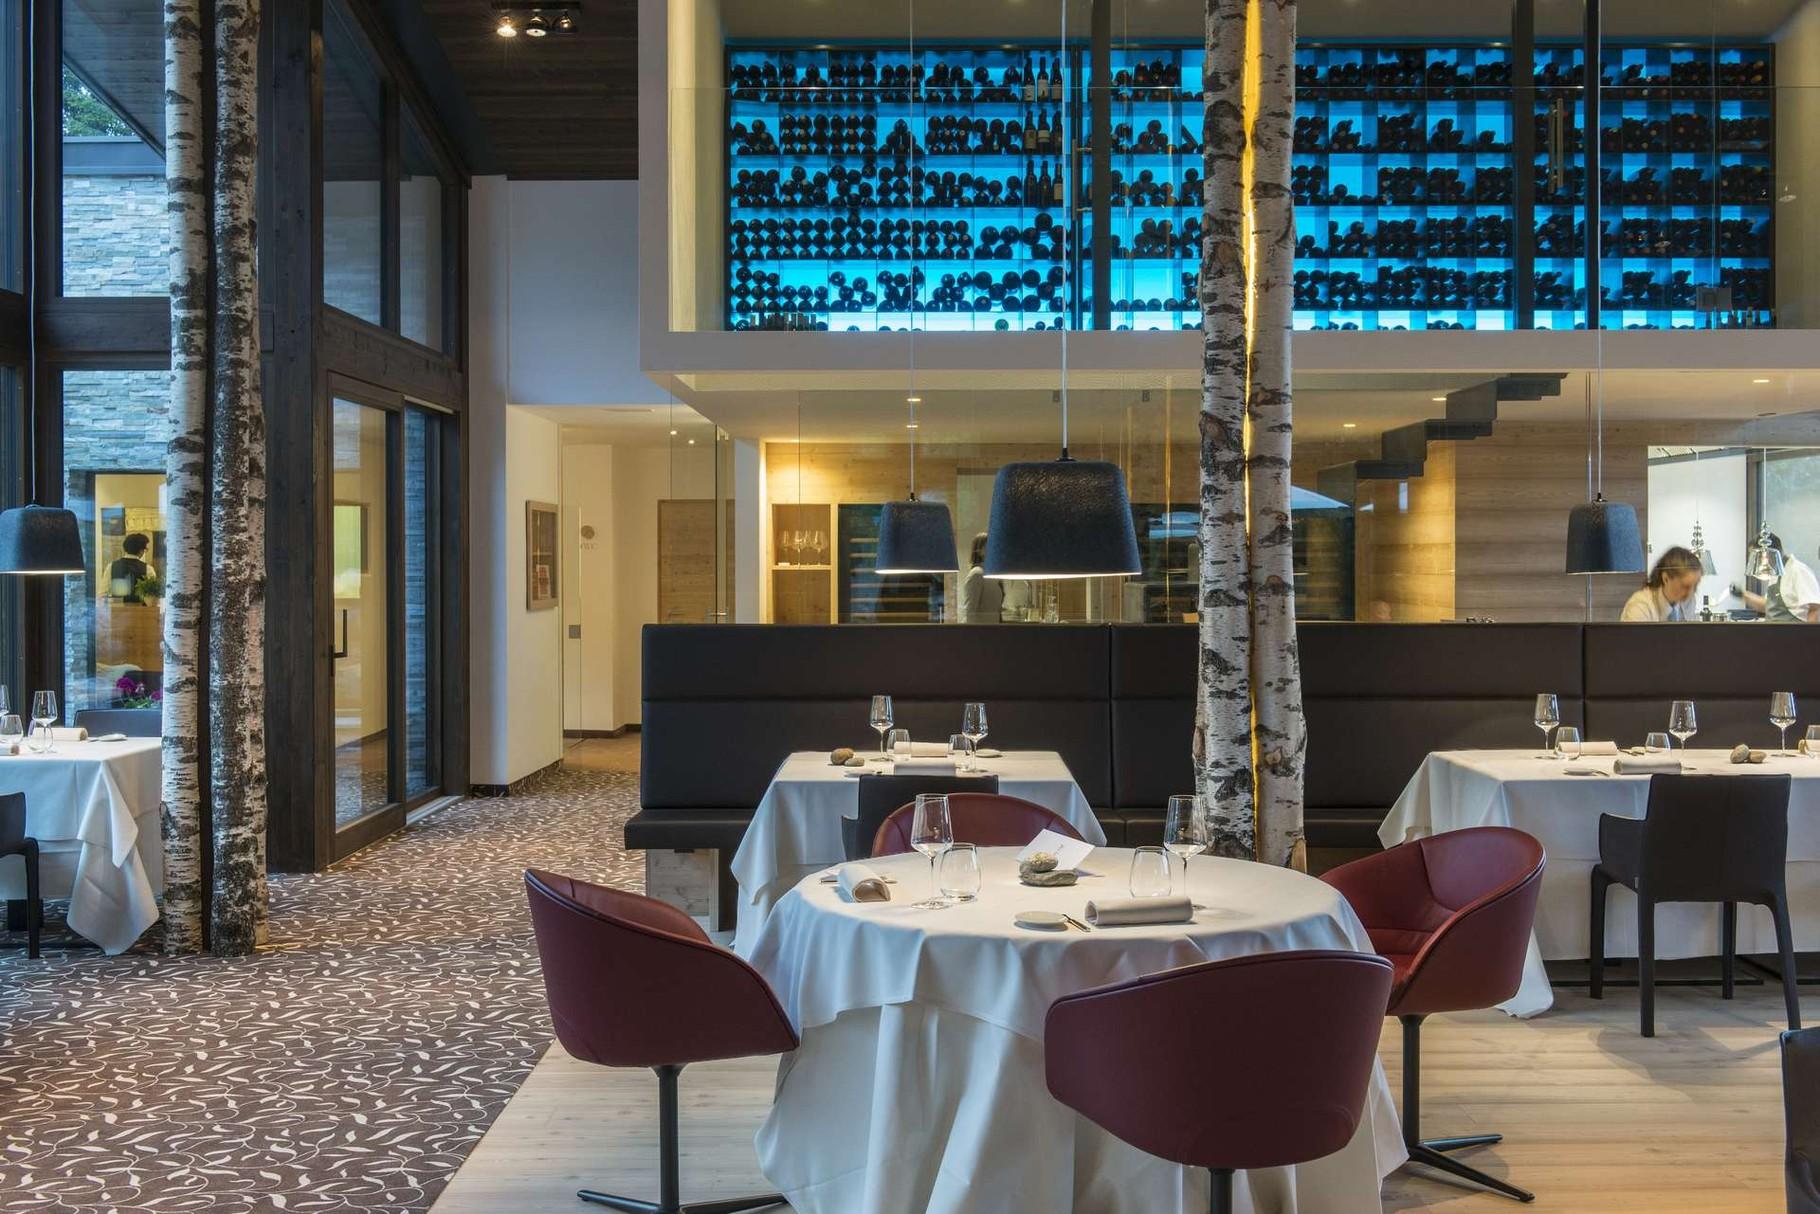 """Auener Hof - Restaurant mit """"schwebendem Weinkeller"""""""